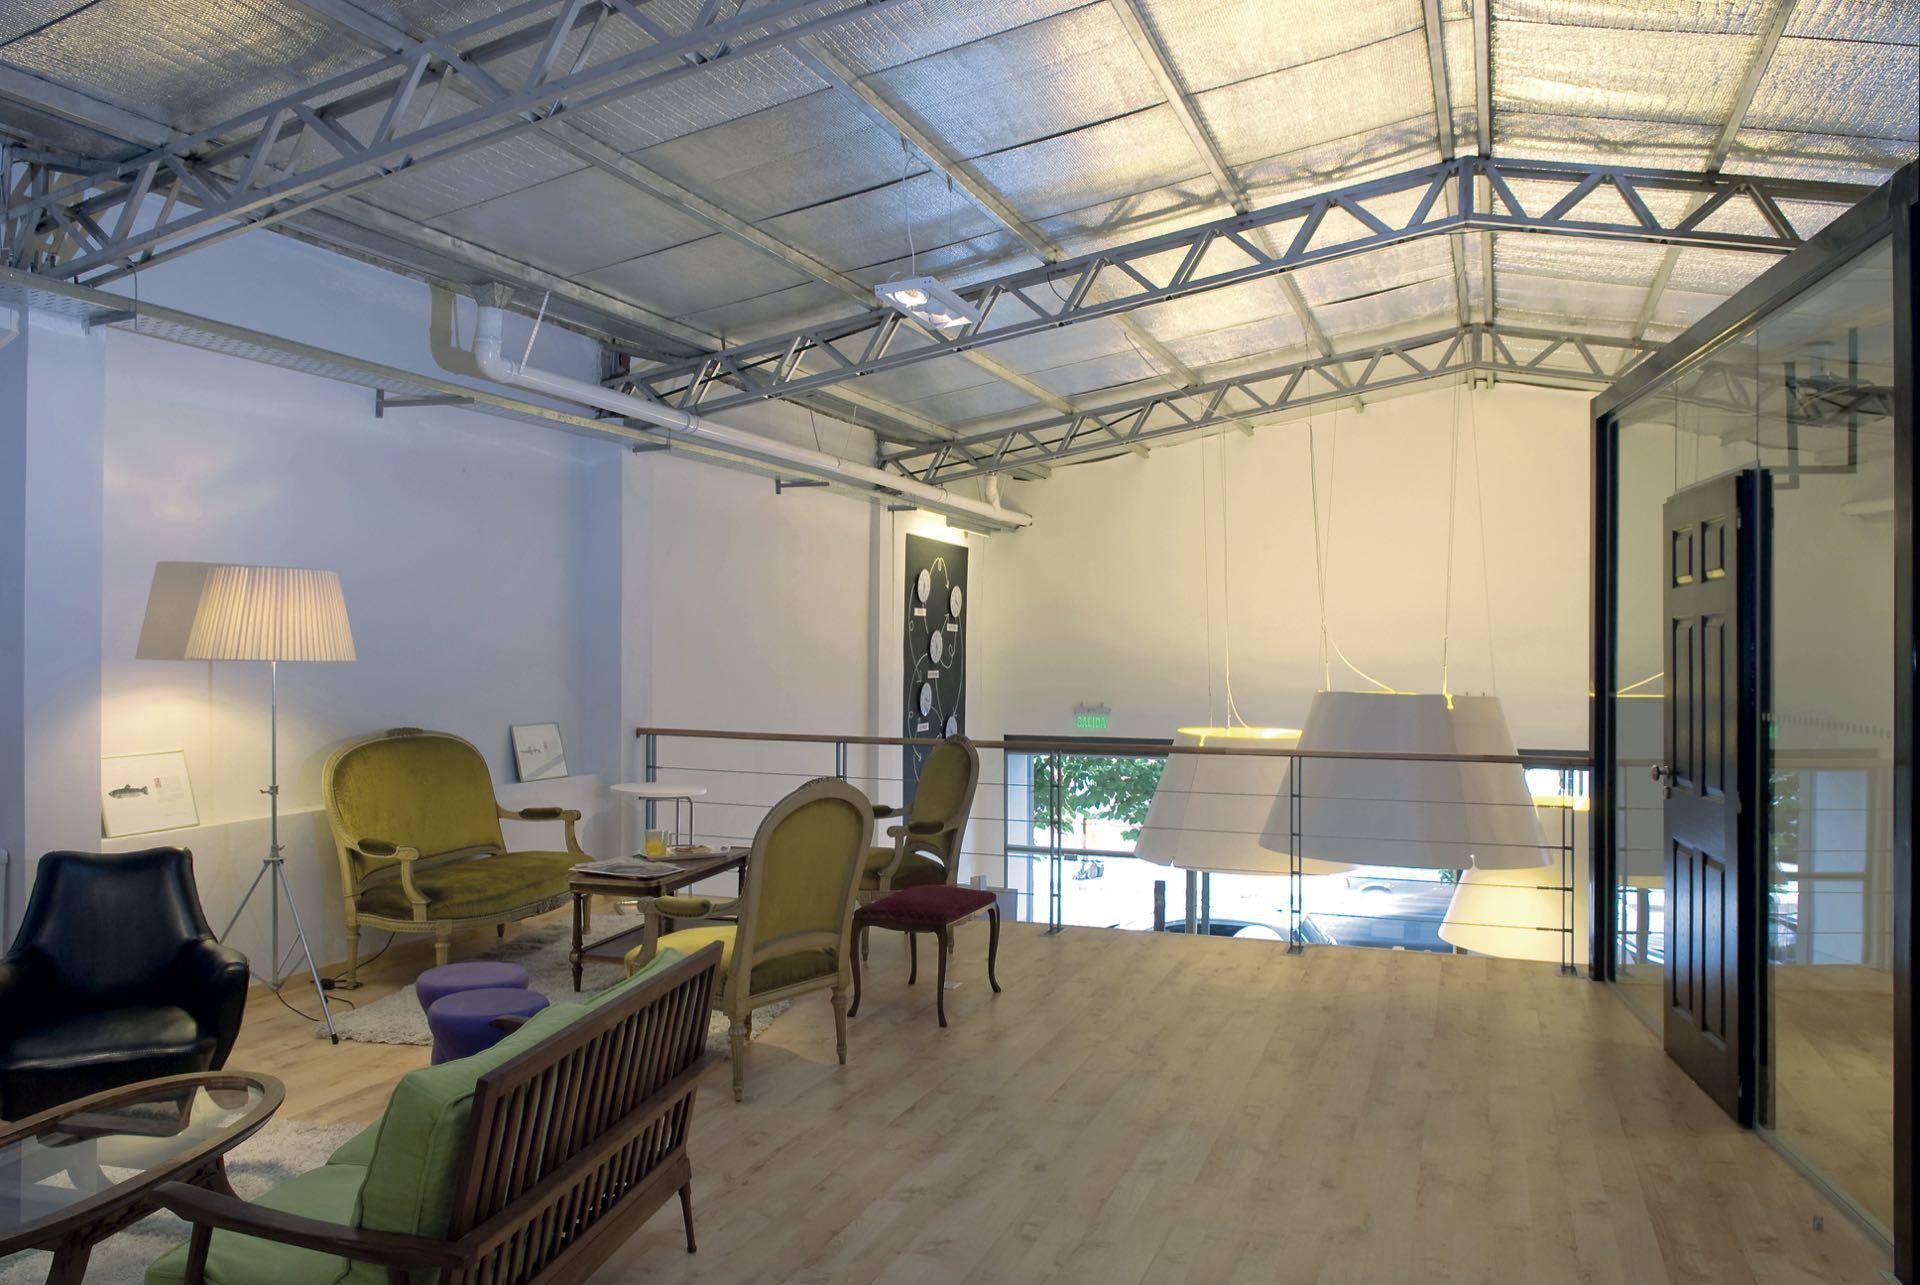 URBAN STATION Open space, $ 85 la hora. Prepaga de 5 horas, $ 290 y de 40, $ 2.800. Mensual, $ 3.600 + IVA. Una sala para 8 personas por 4 horas, $ 2.220.